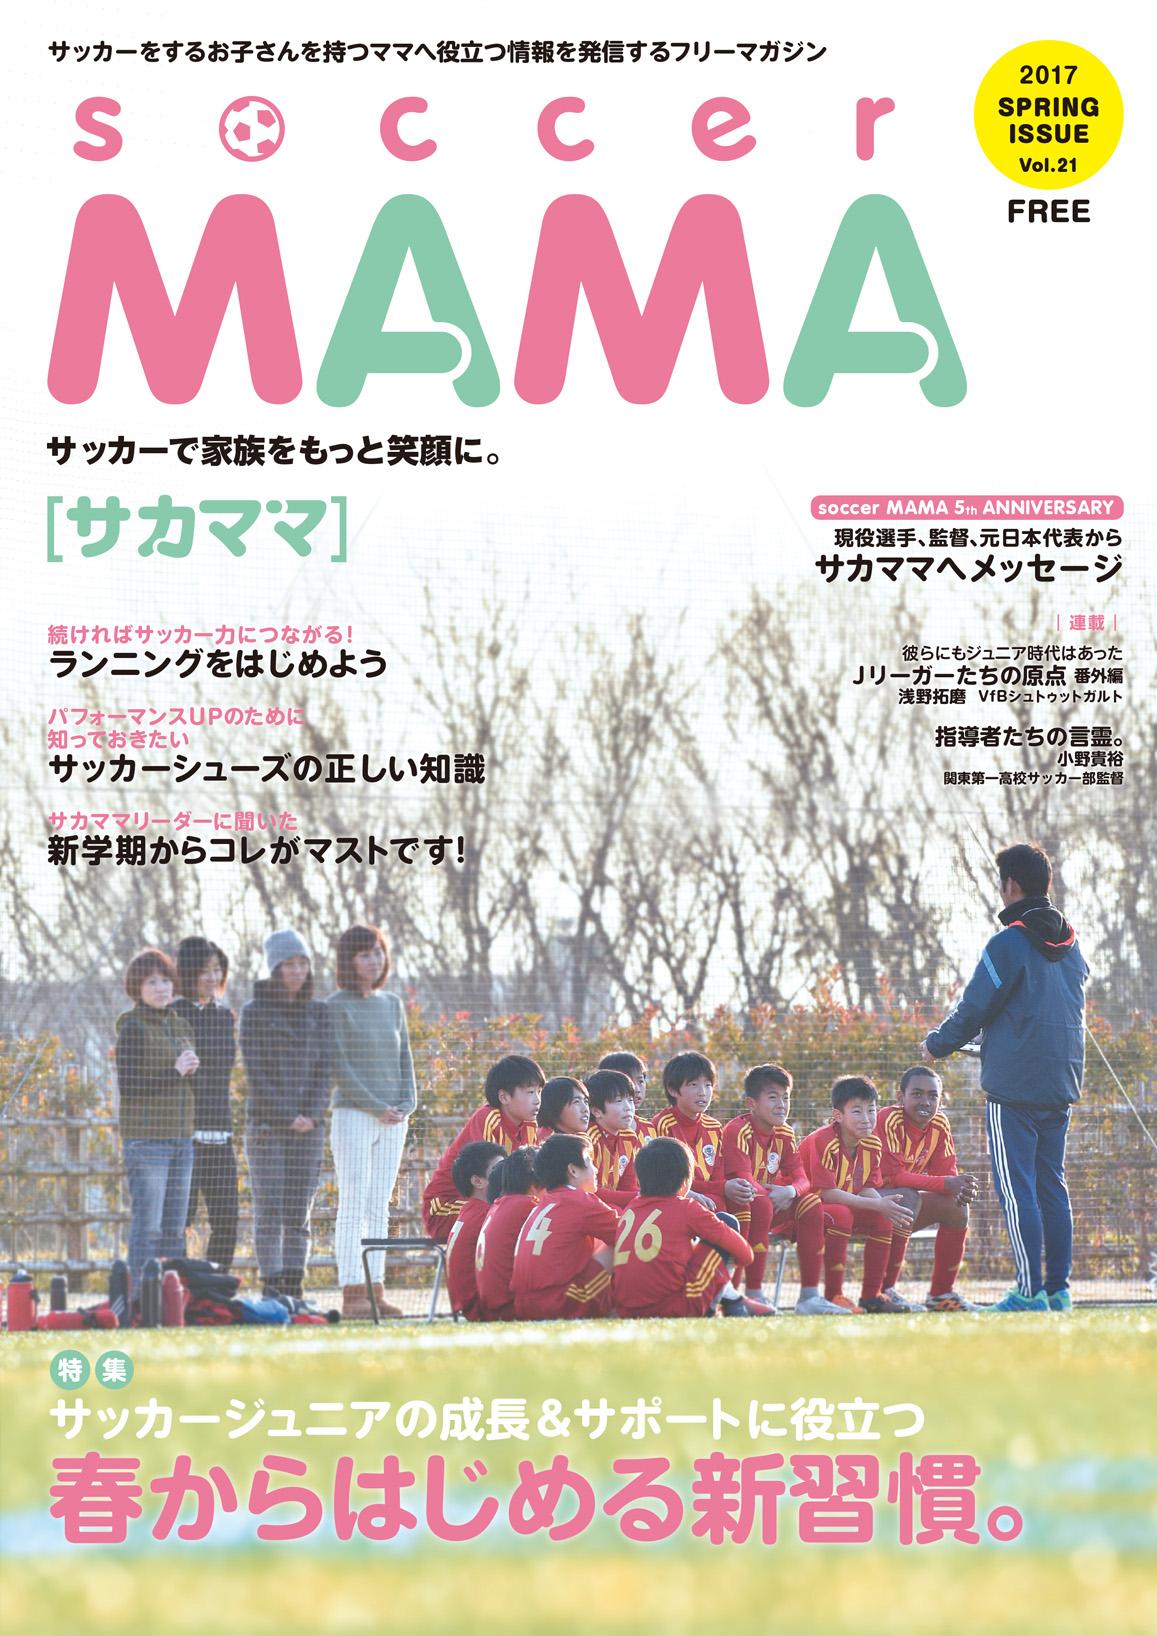 サカママ Vol.21 2017 SPRING ISSUE (2017年4月発行)